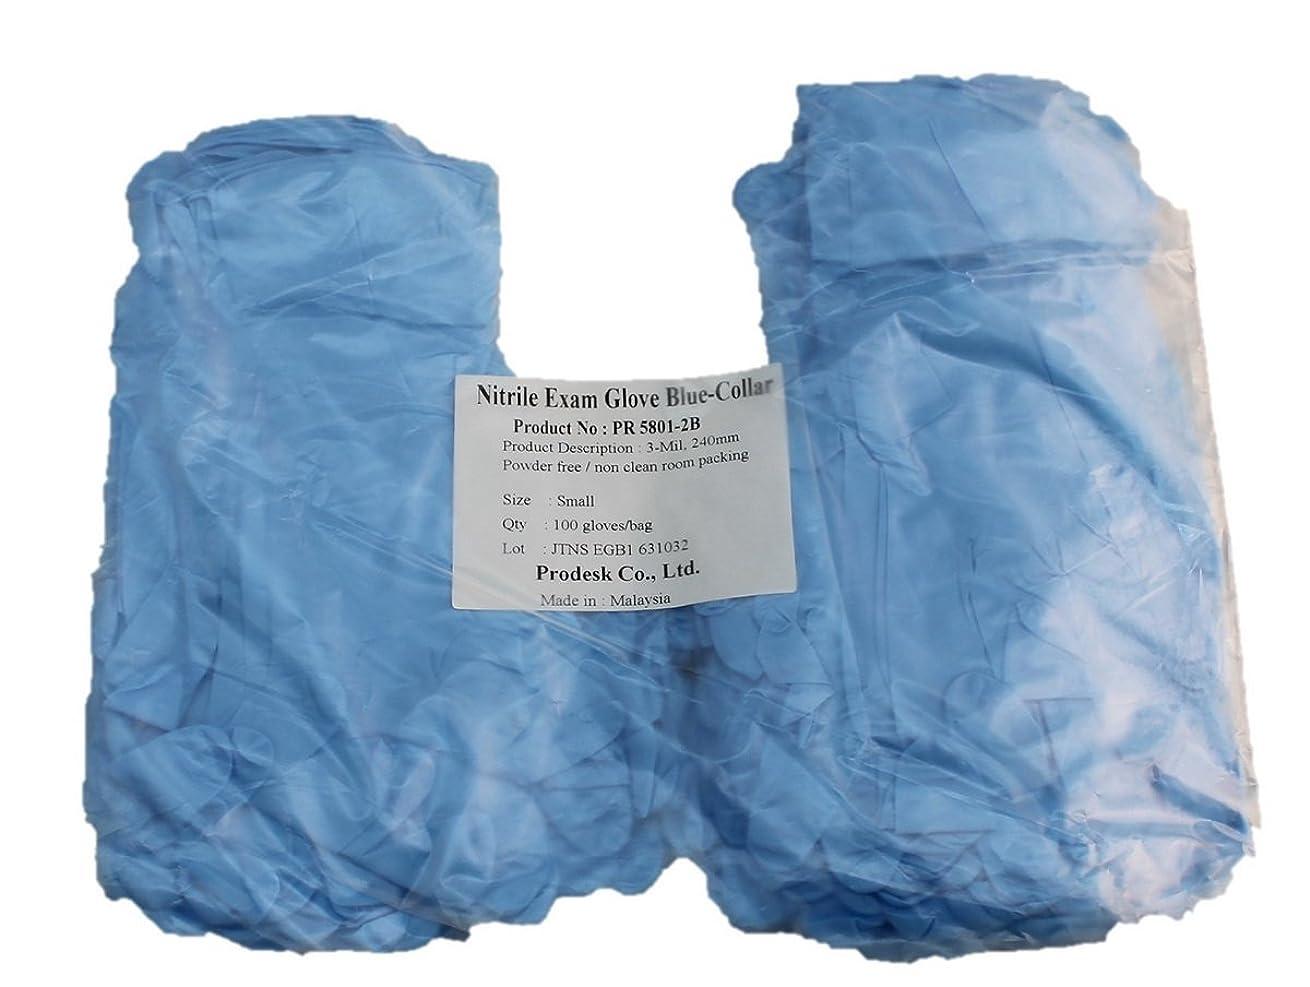 知る膨らませる購入プロディスク ニトリル手袋 パウダーフリー?未滅菌 PR5801-2B (100, S)